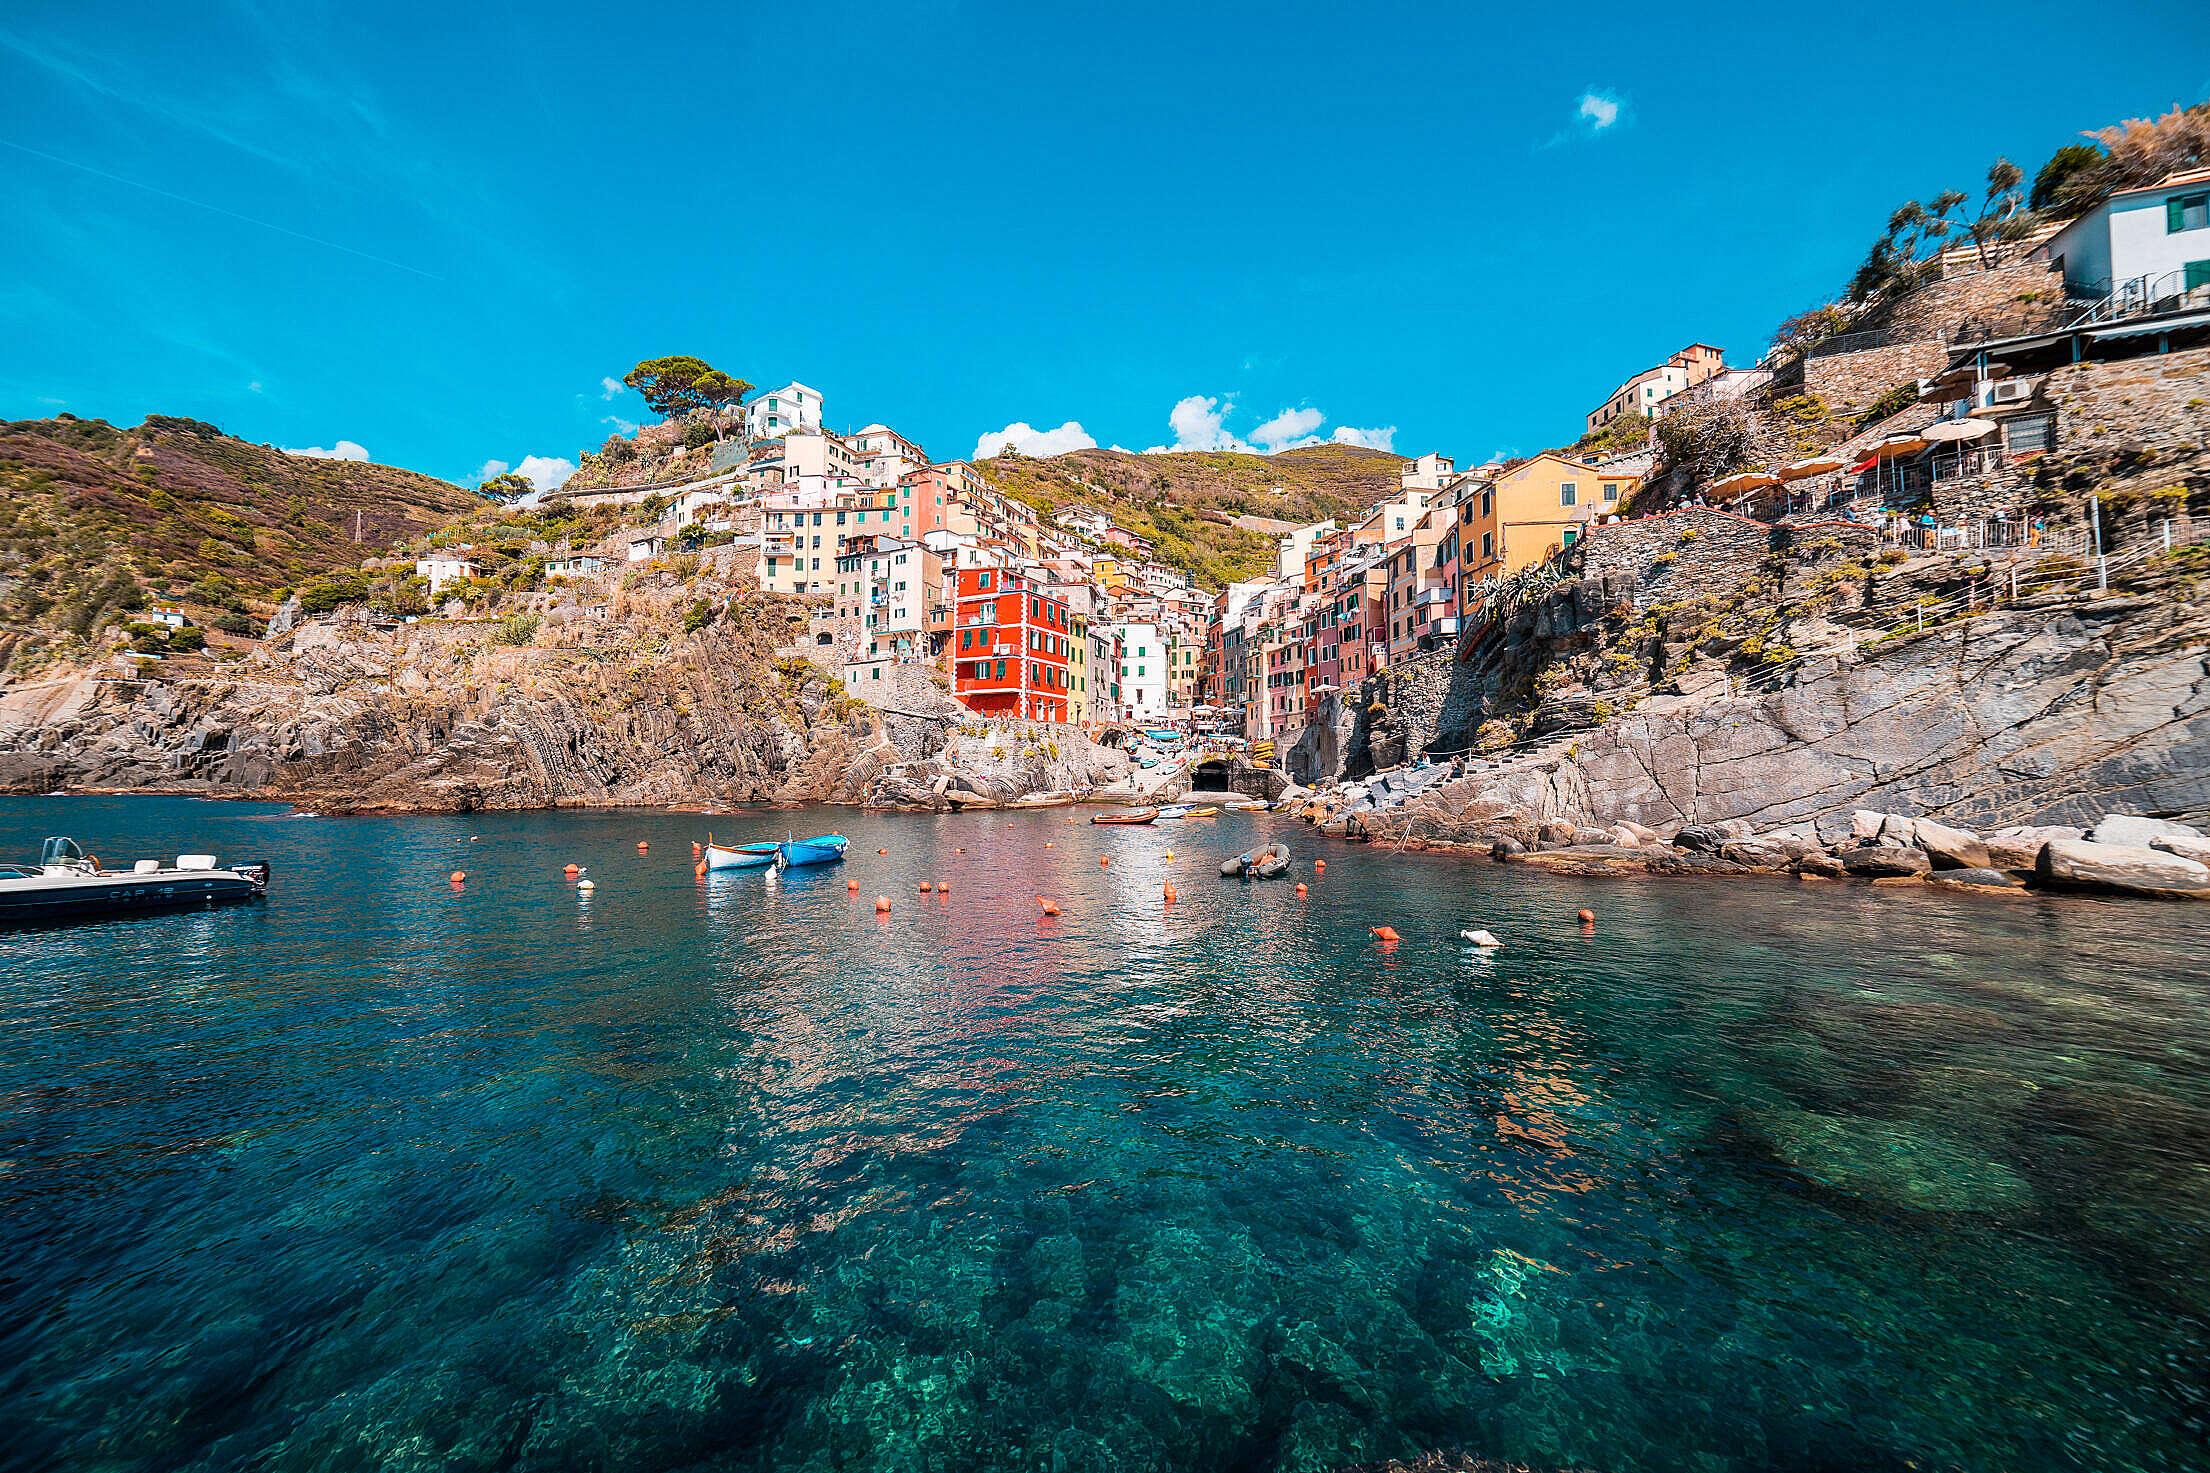 Riomaggiore, Cinque Terre, Italy Free Stock Photo